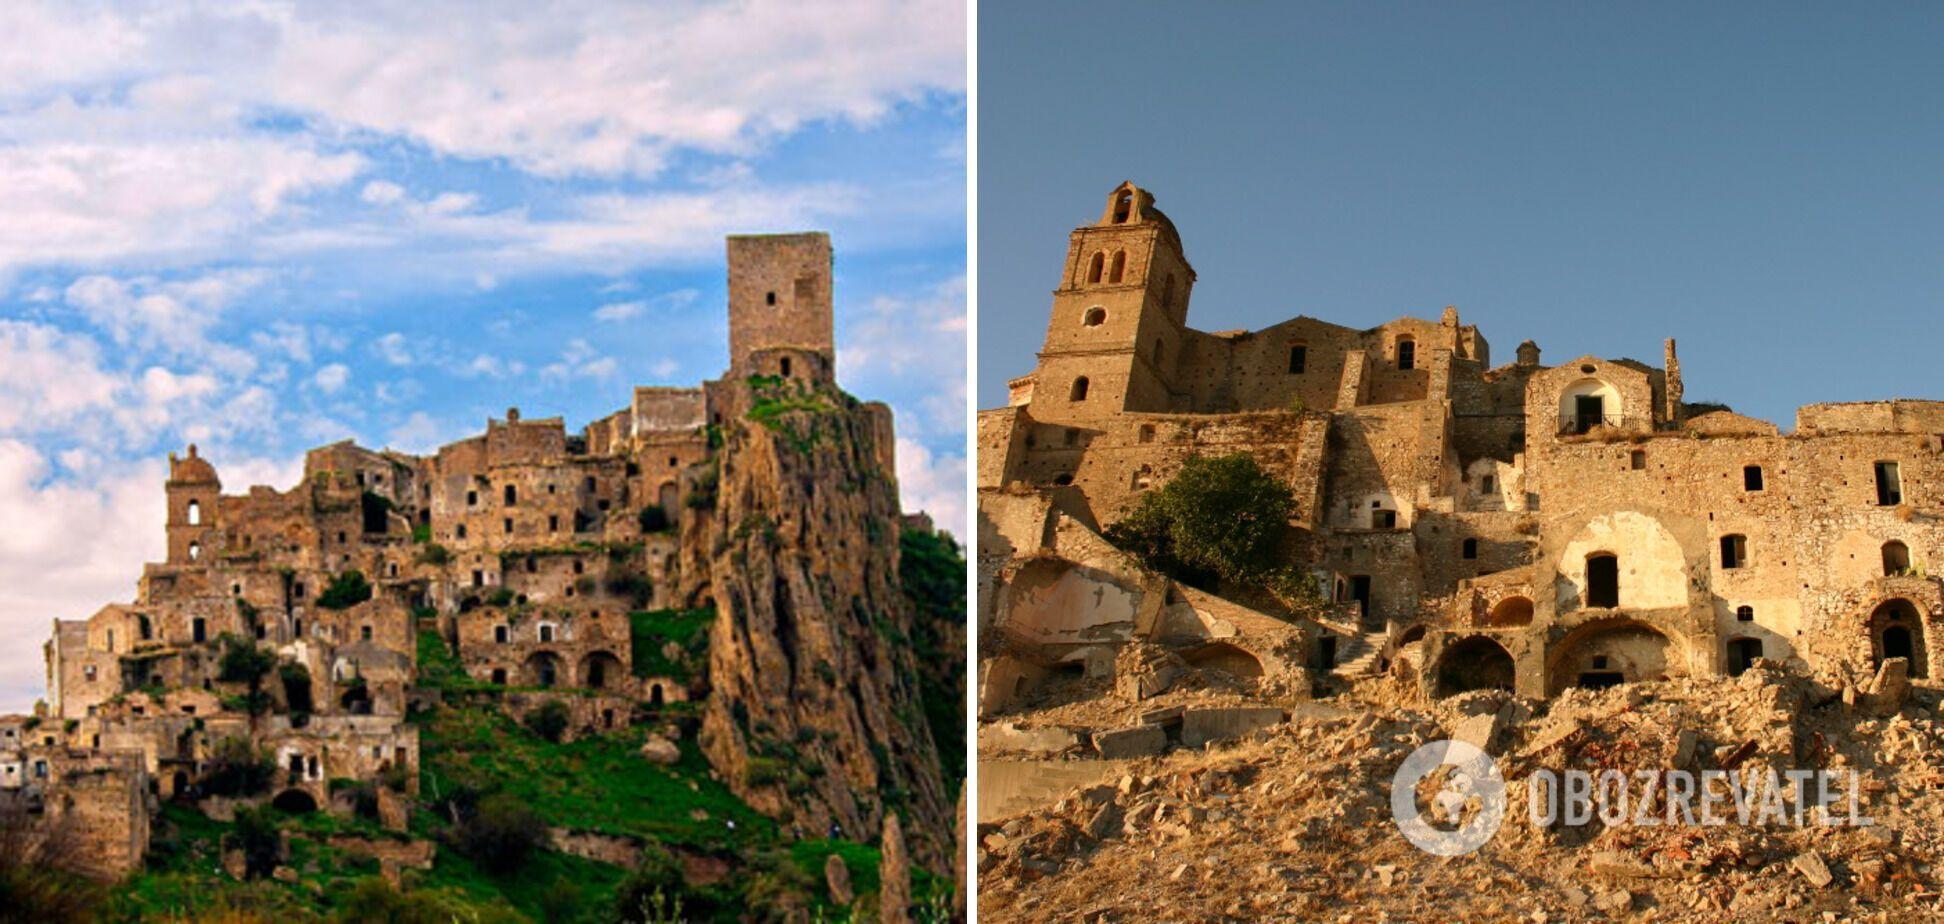 Заброшенное поселение в Италии называют городом-призраком